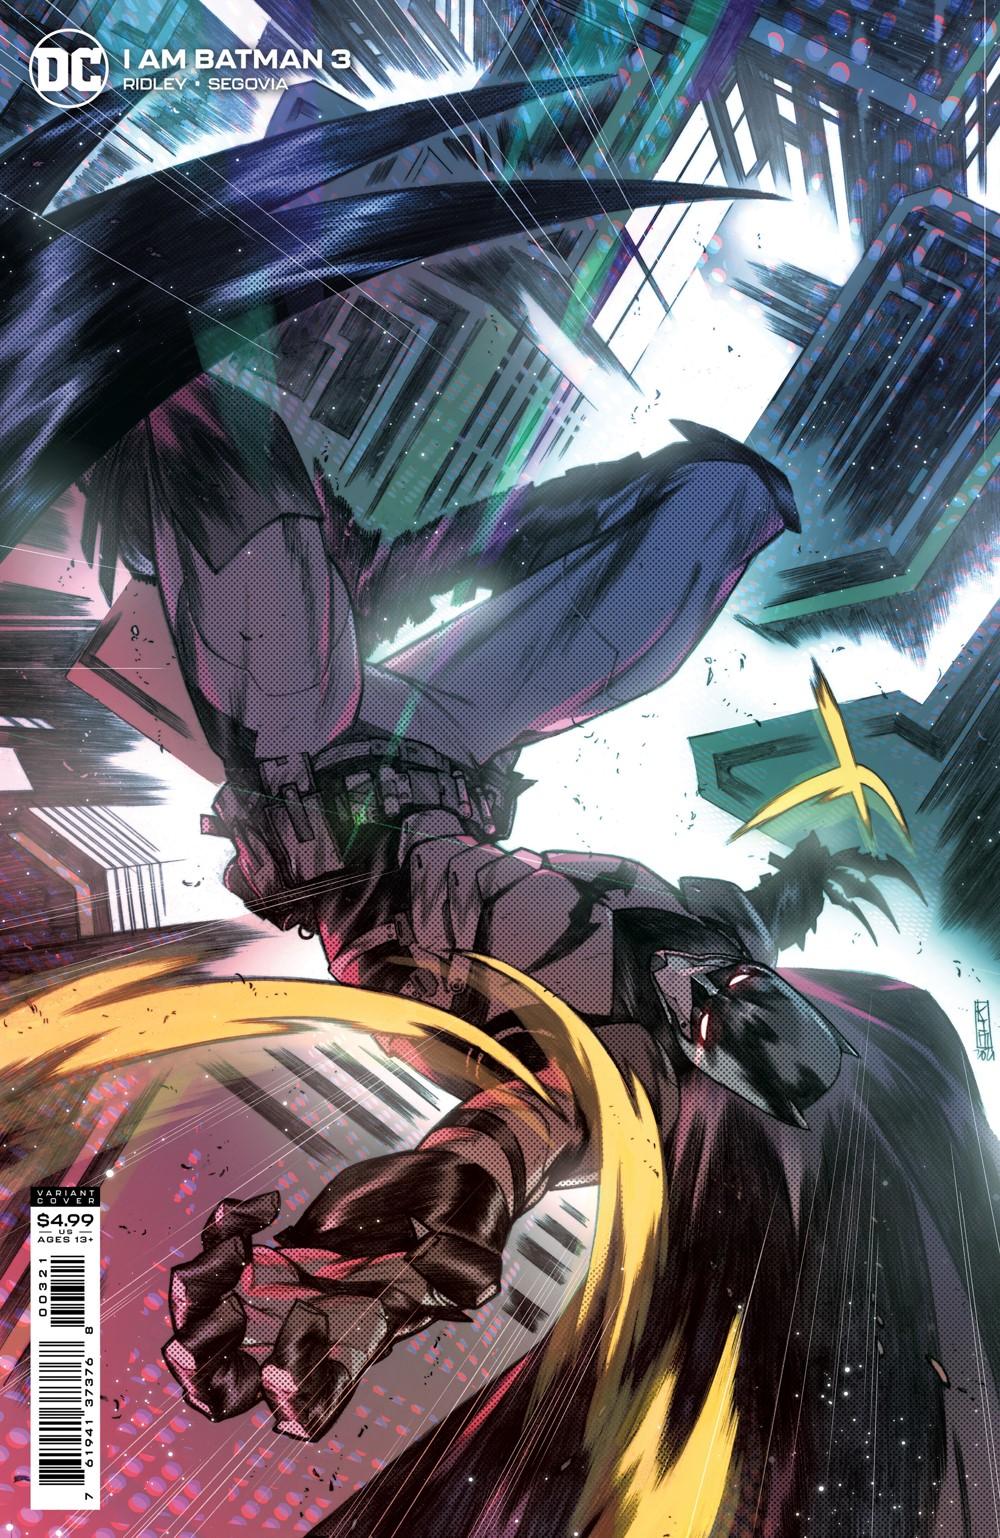 IAMBM_Cv3_var_00321 DC Comics November 2021 Solicitations